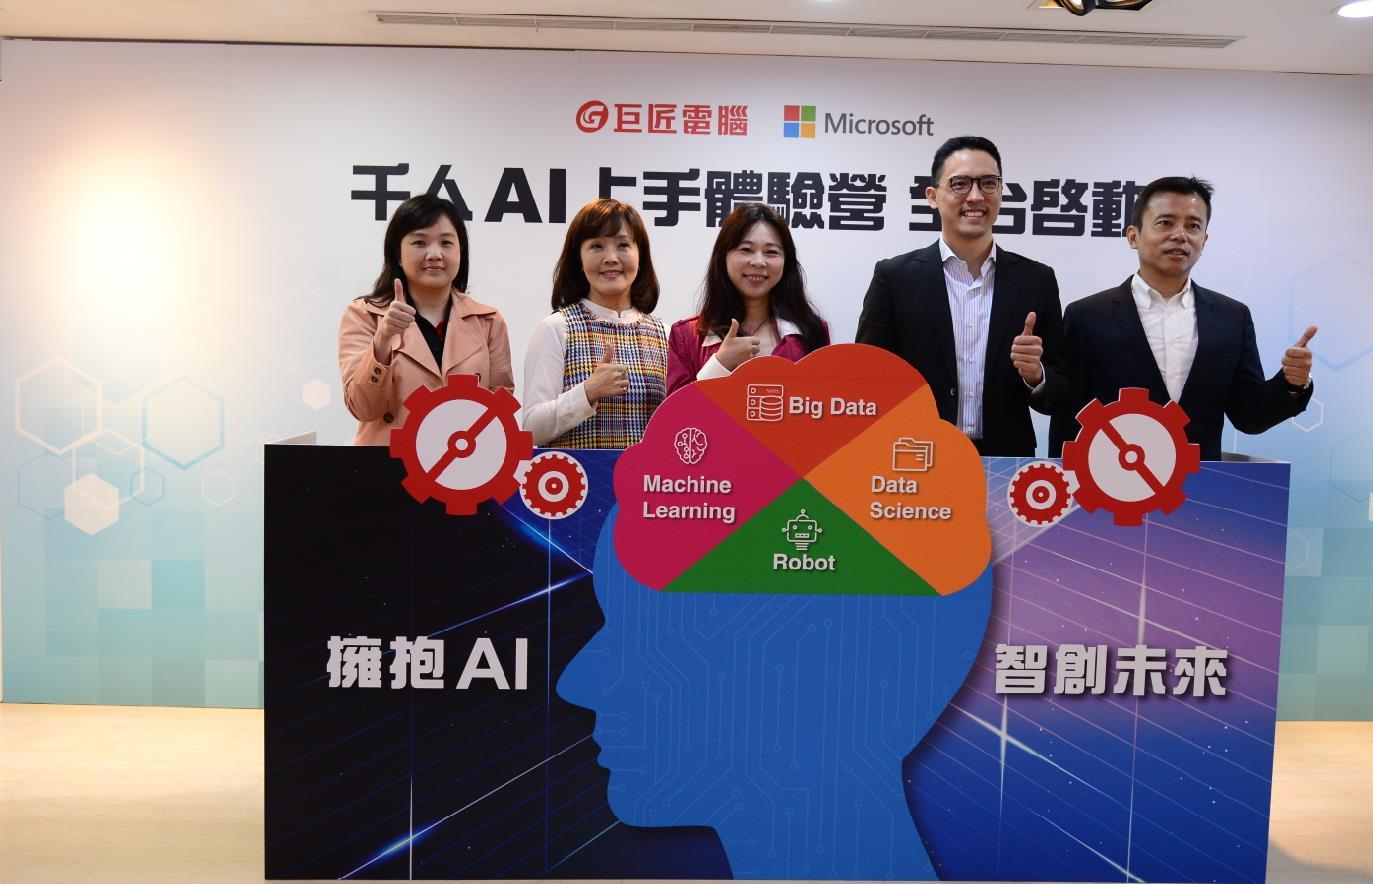 巨匠電腦攜手微軟「千人AI上手體驗營」